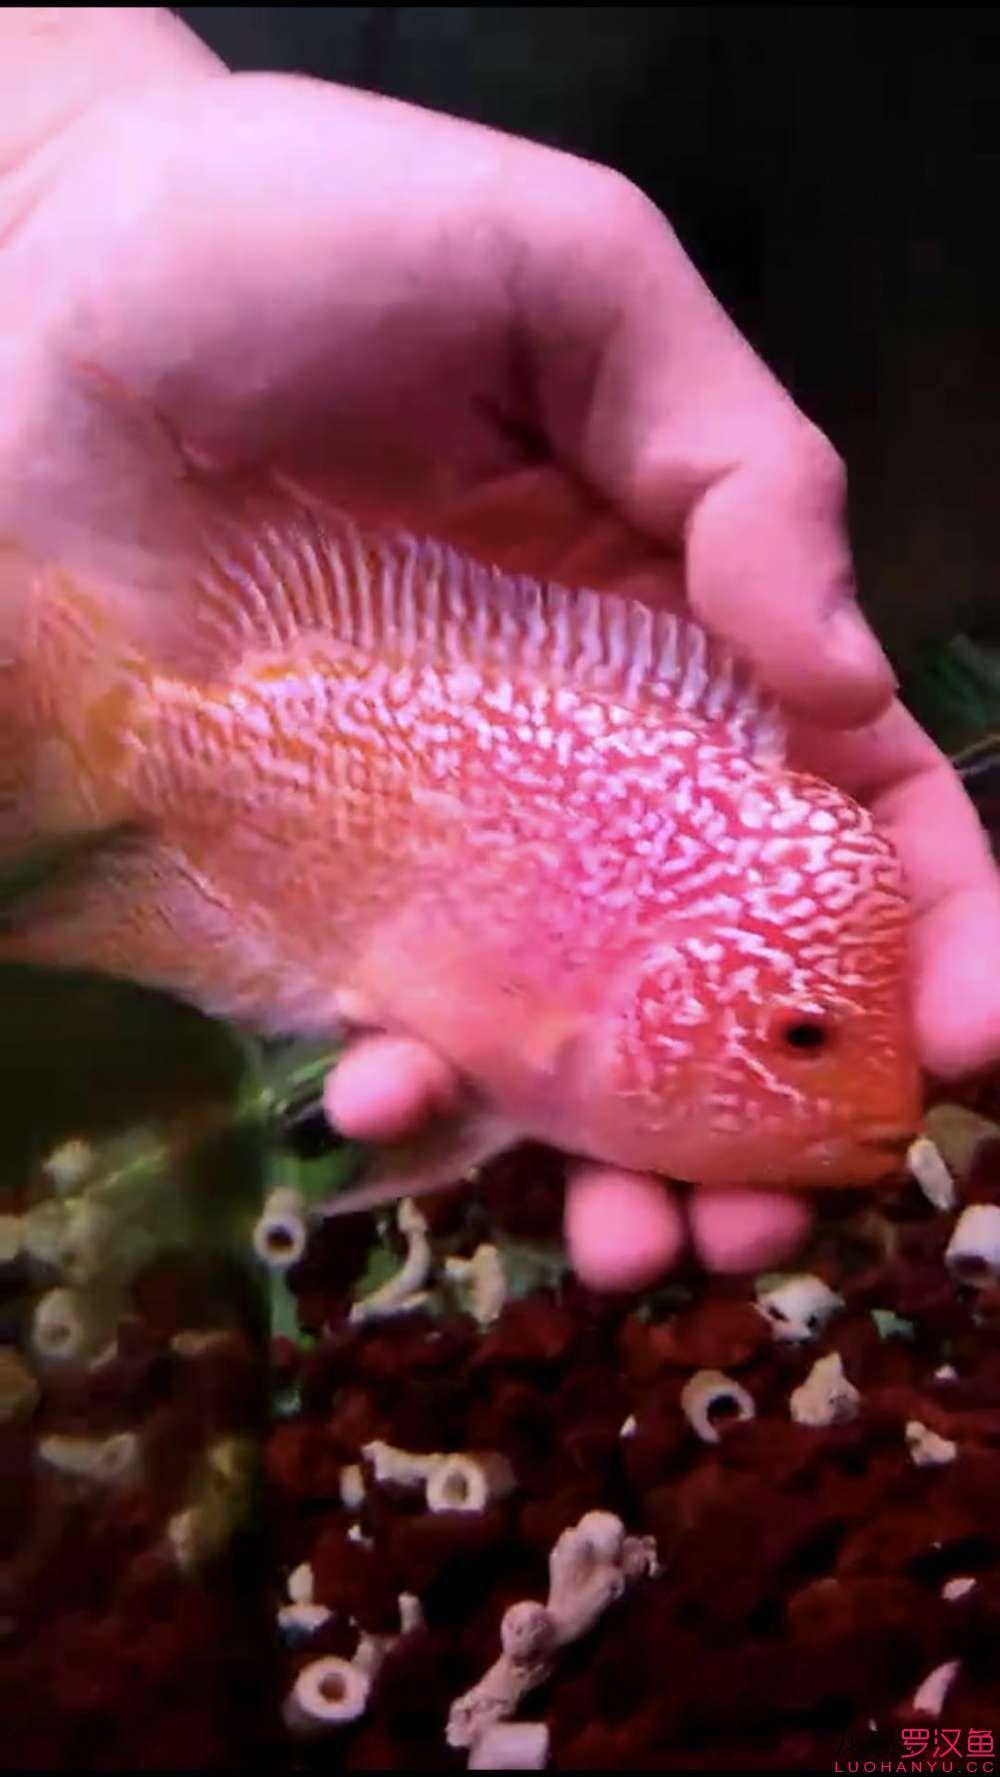 【西安二手鱼缸转让】还在路上的小罗 请教各位前辈品种和起头希望 西安龙鱼论坛 西安博特第2张